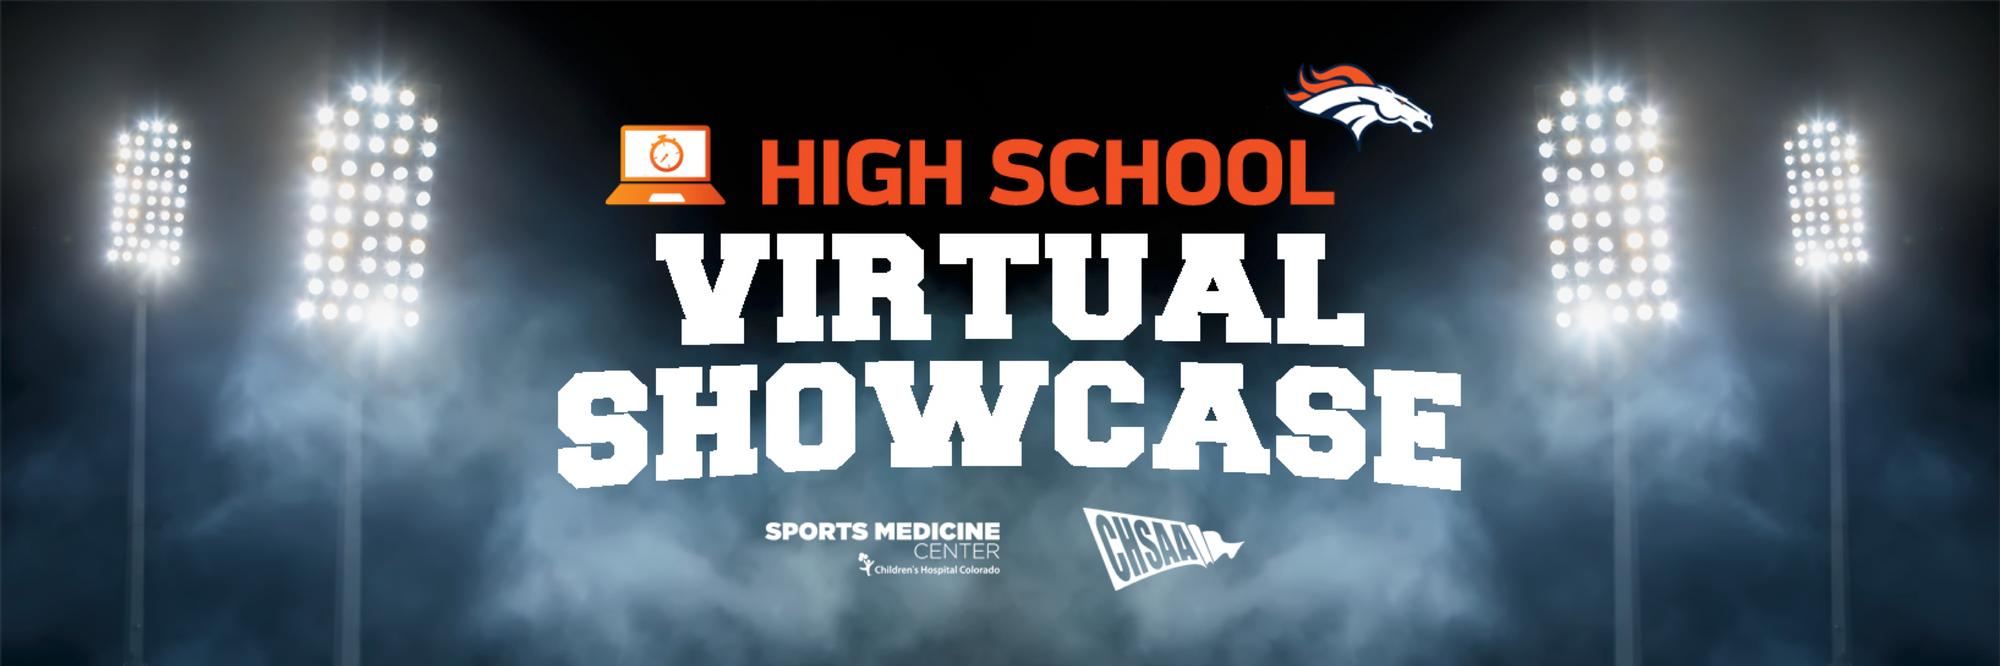 Denver Broncos Host Virtual Showcase For Colorado High School Athletes